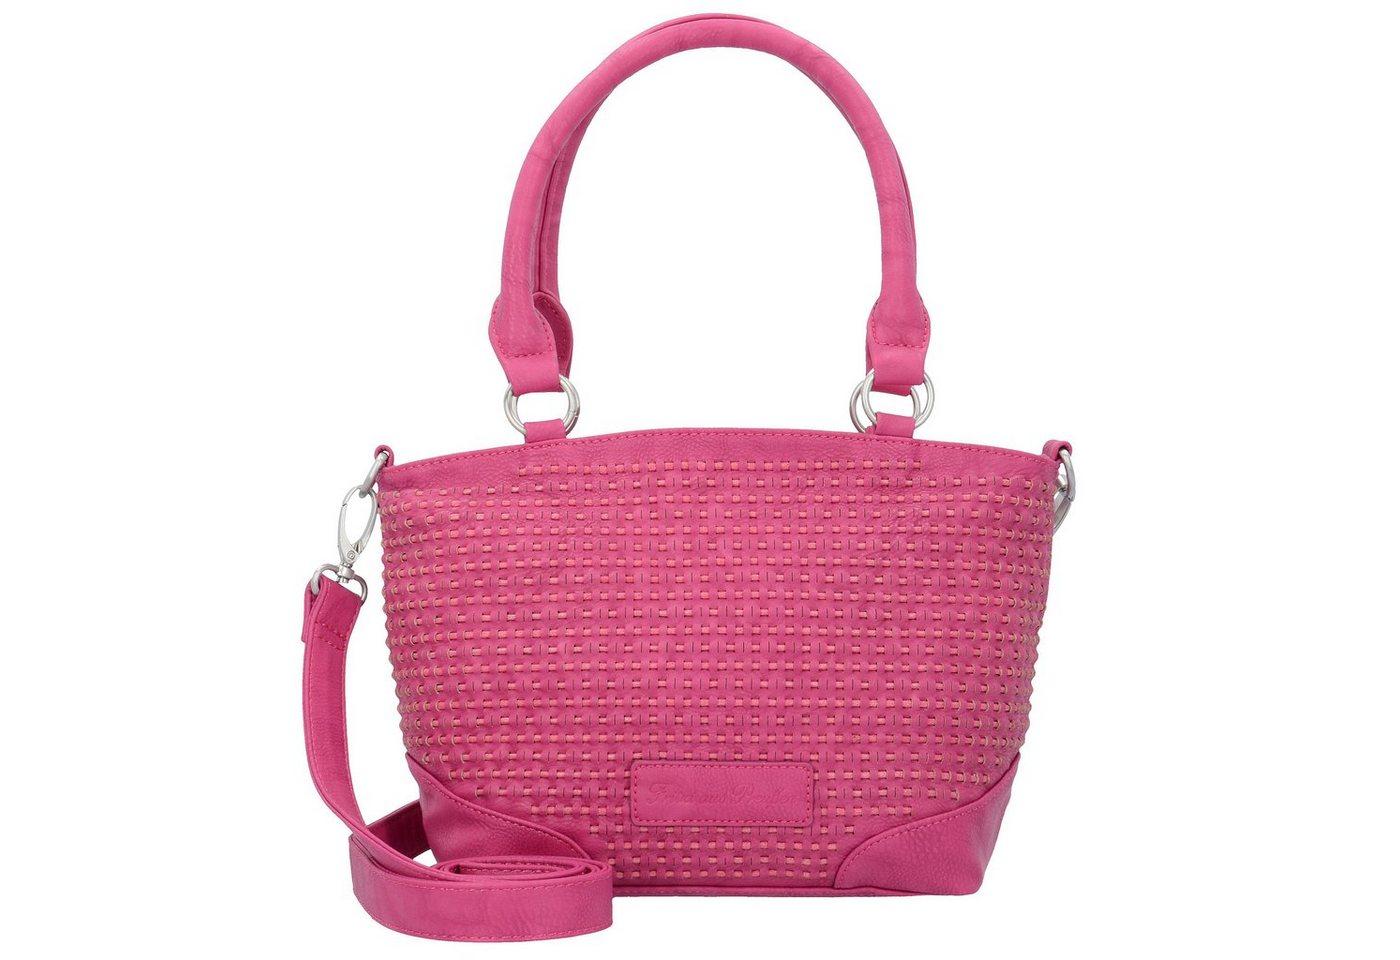 b811b92a24aa9 froy-dind Sonstige Handtaschen für Damen online kaufen